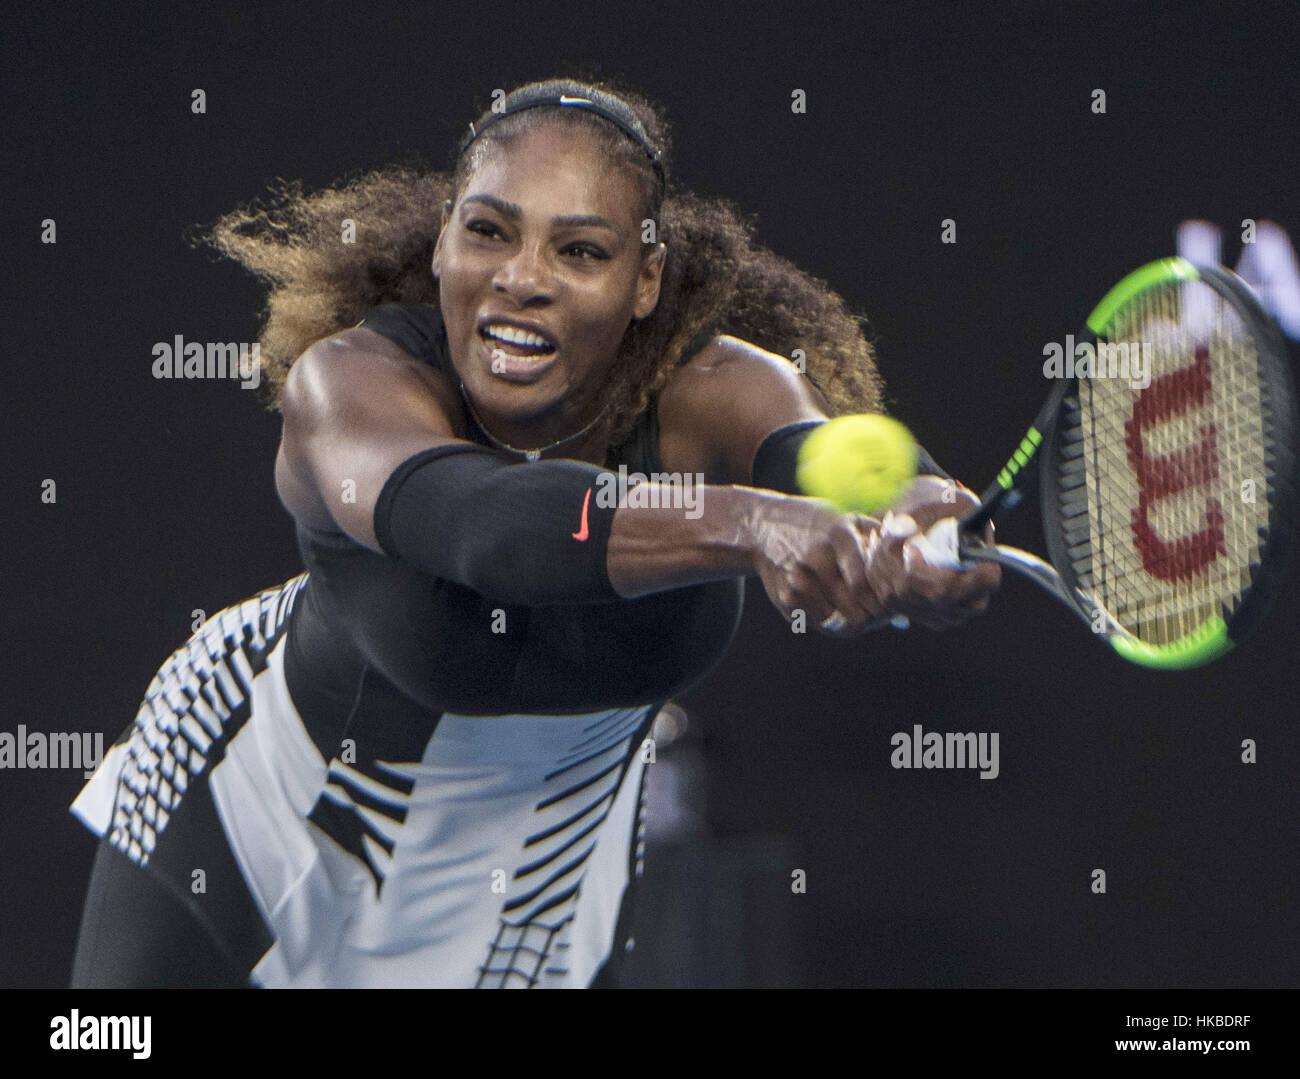 Melbourne, Austrália. 28 Jan, 2017. Estados Unidos' Serena Williams retorna a bola durante o jogo final Imagens de Stock